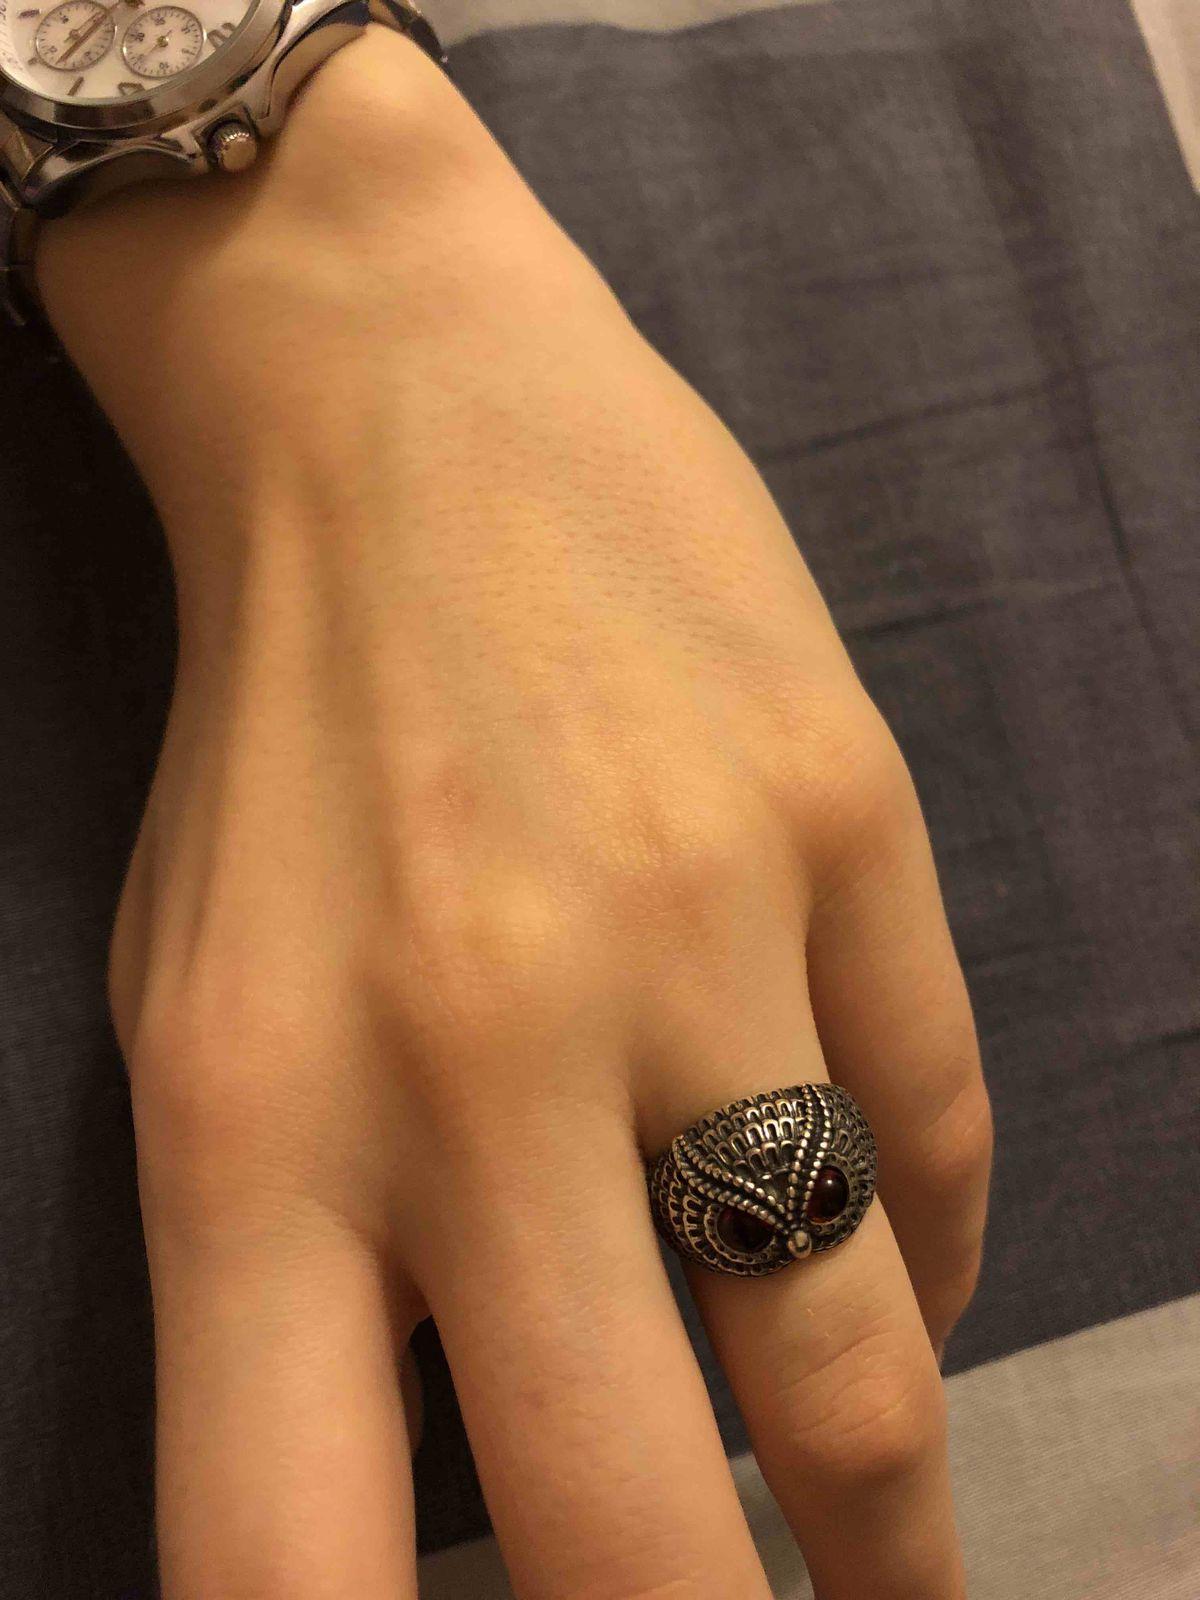 Самое очаровательное кольцо 😍